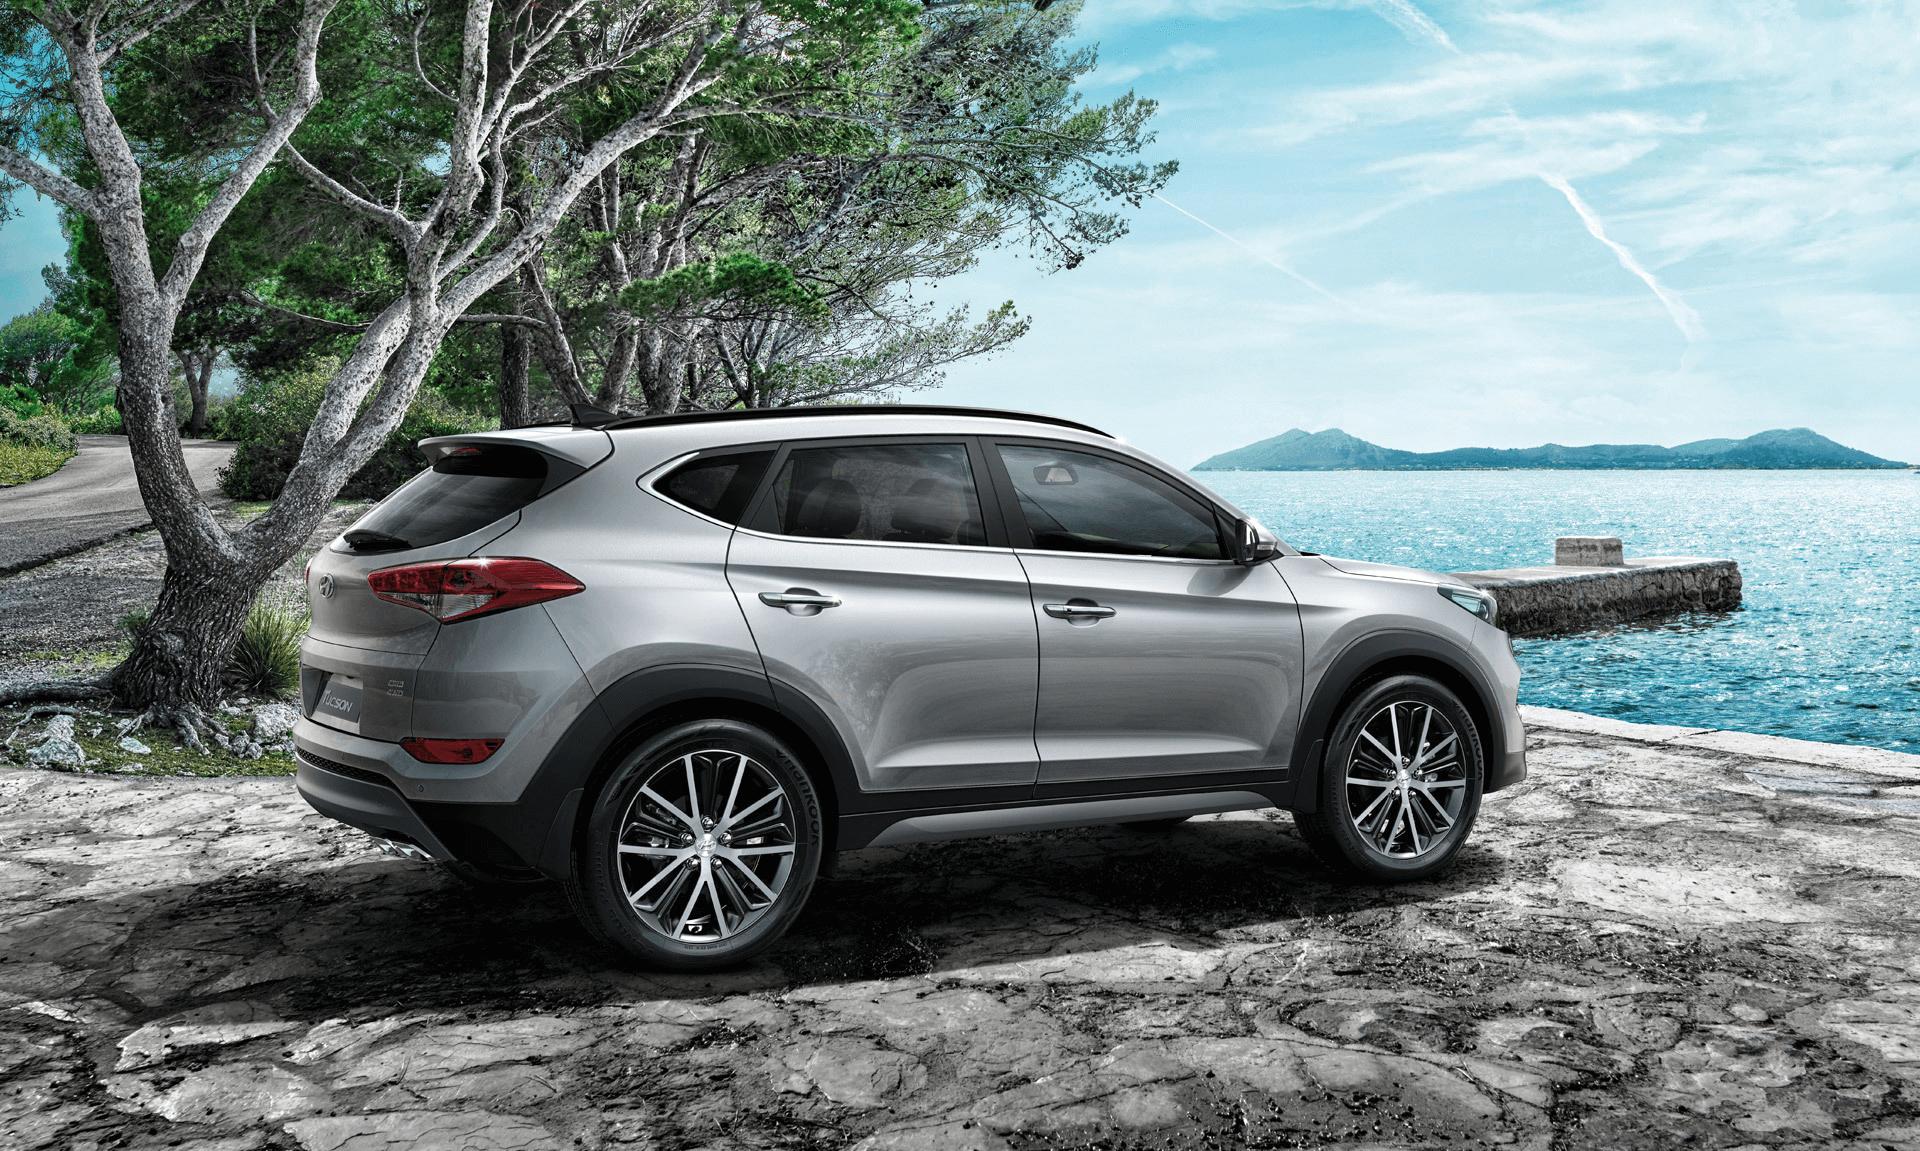 Tiện ích hàng đầu phân khúc xe Hyundai Tucson 2016